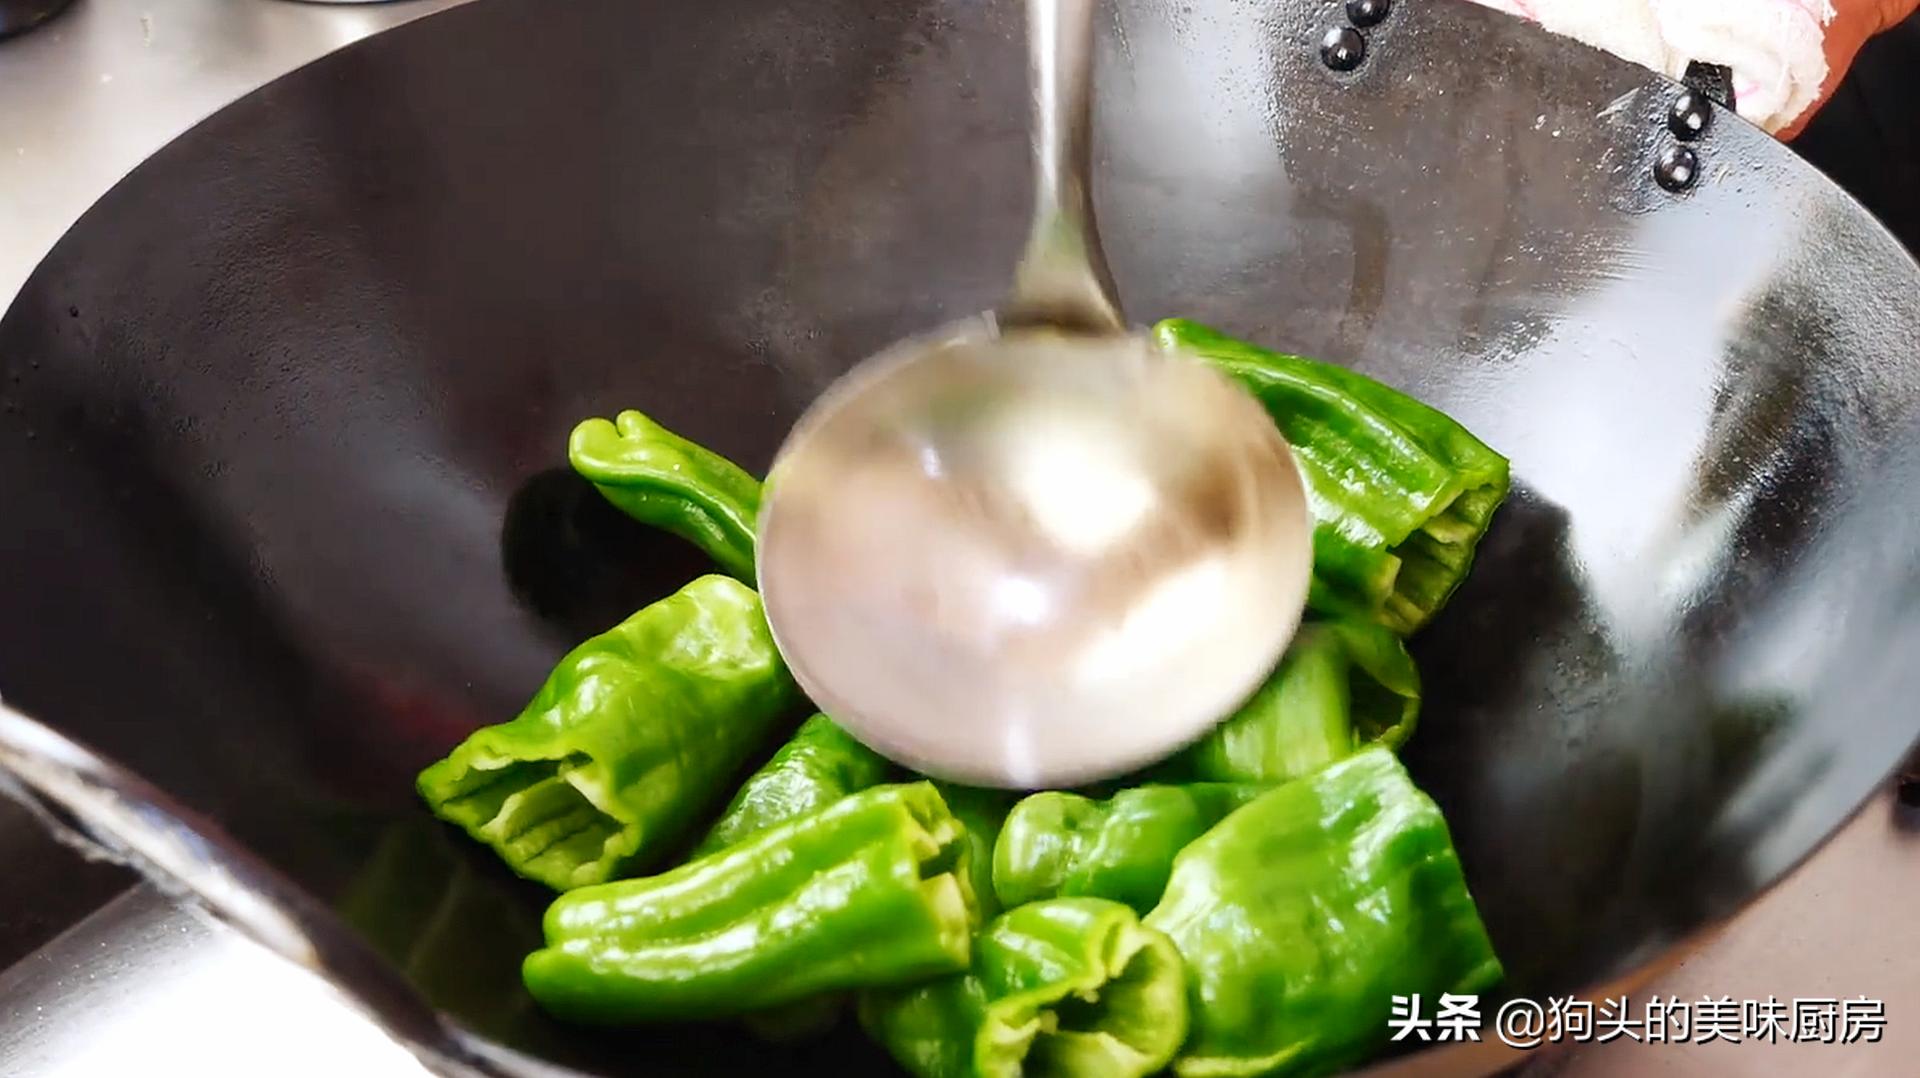 下饭神器虎皮青椒,学会这样做,好吃不油腻,一盘不够吃,真过瘾 美食做法 第6张